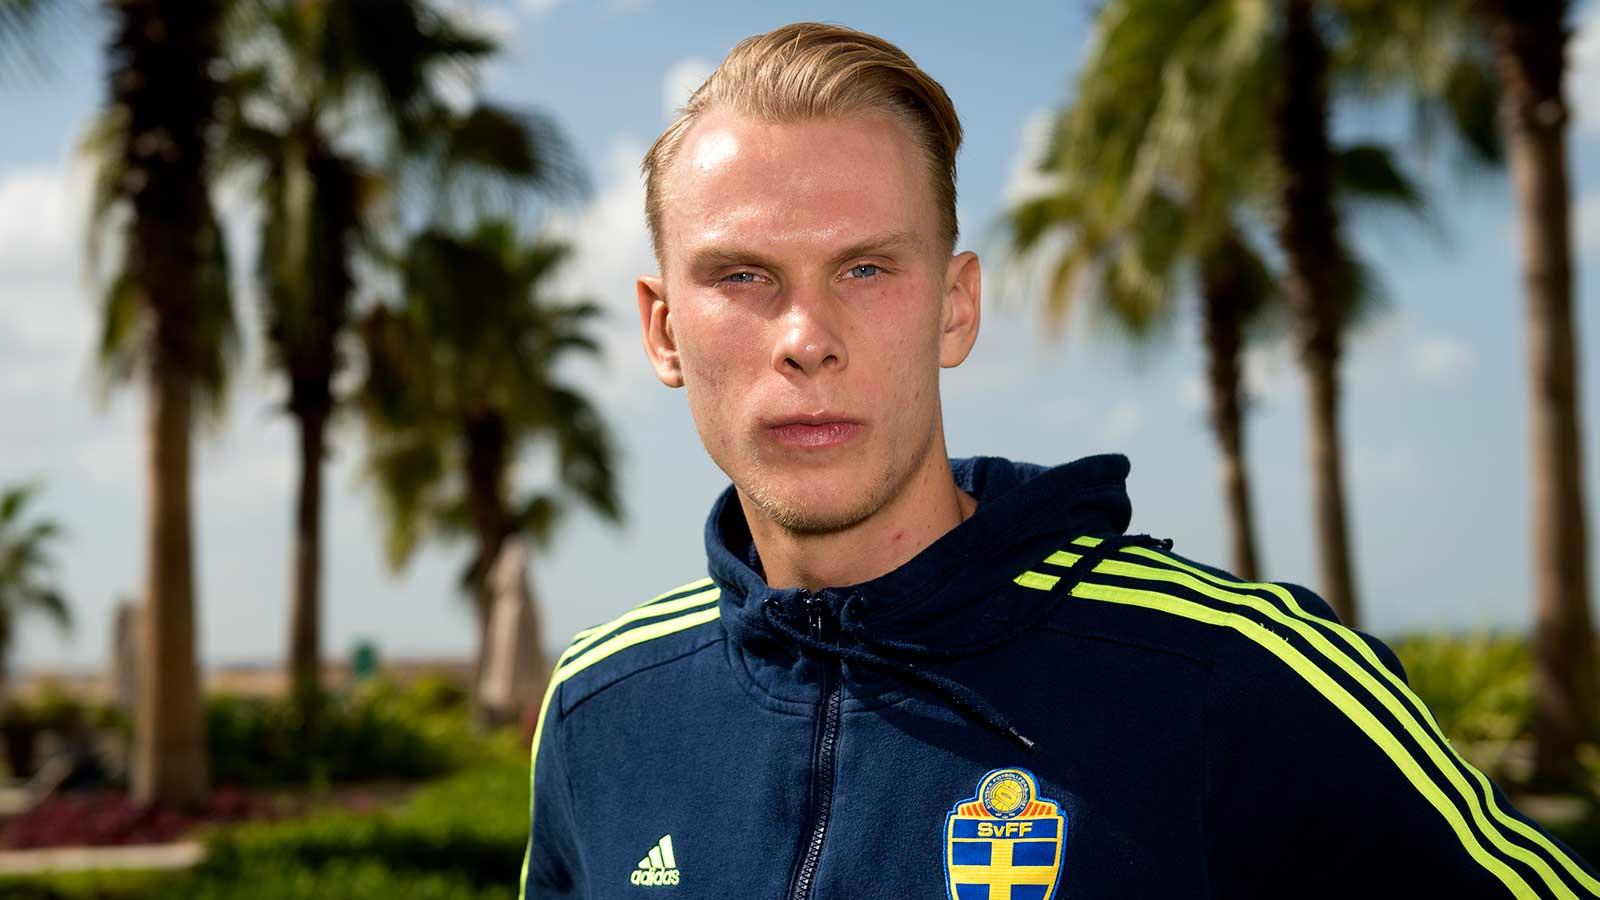 180108 Sveriges målvakt Pontus Dahlberg poserar för ett porträtt vid en presskonferens under det svenska fotbollslandslagets januariturné den 8 januari 2018 i Abu Dhabi.